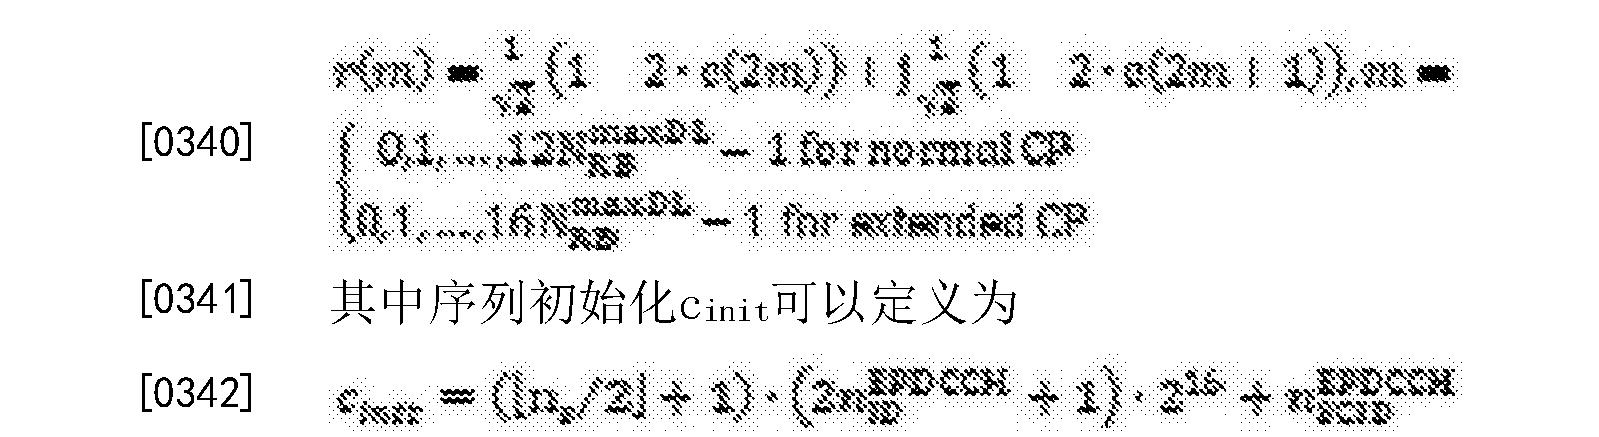 Figure CN104081709BD00541